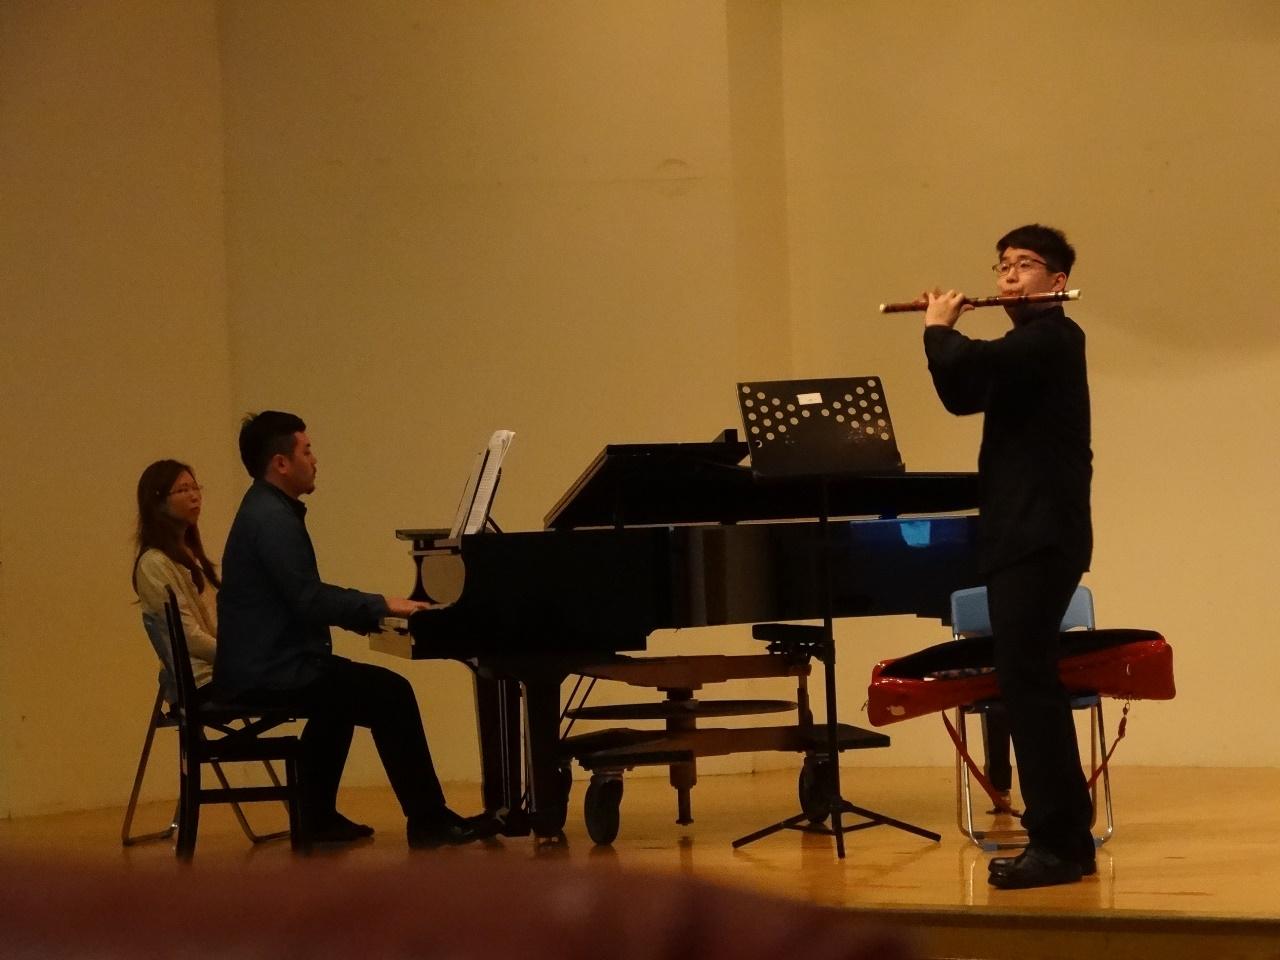 104學年度個人項目-笛獨奏